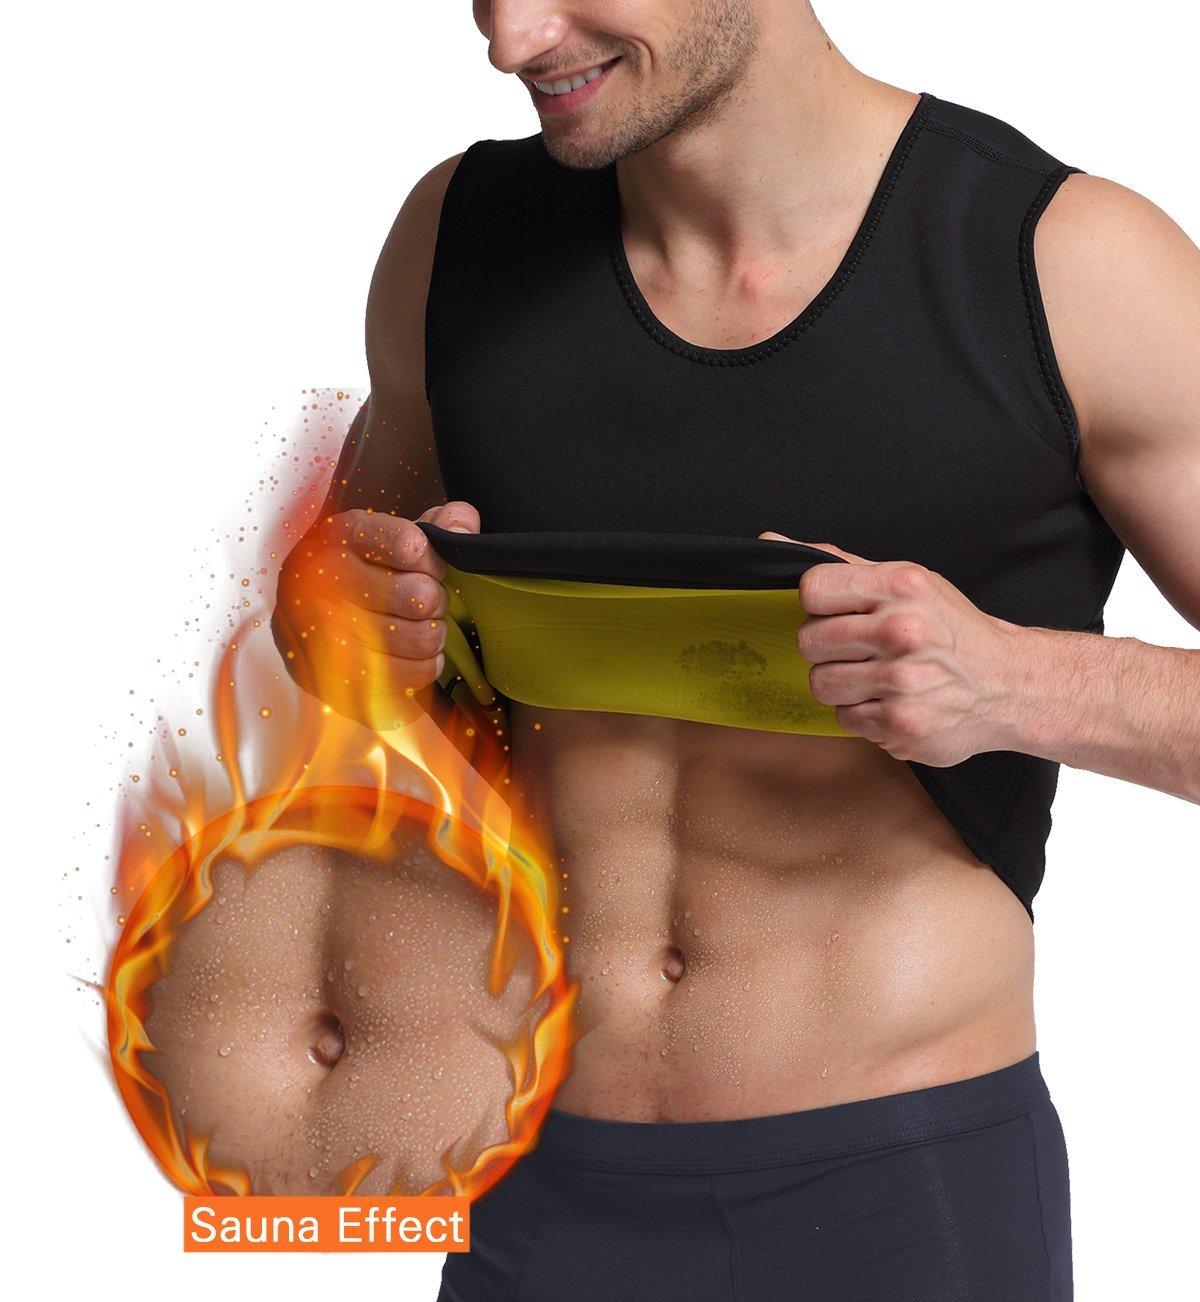 Fajas Zip Para Hombres Faja Reductora De Hombre Reductoras Adelgazar Bajar Peso